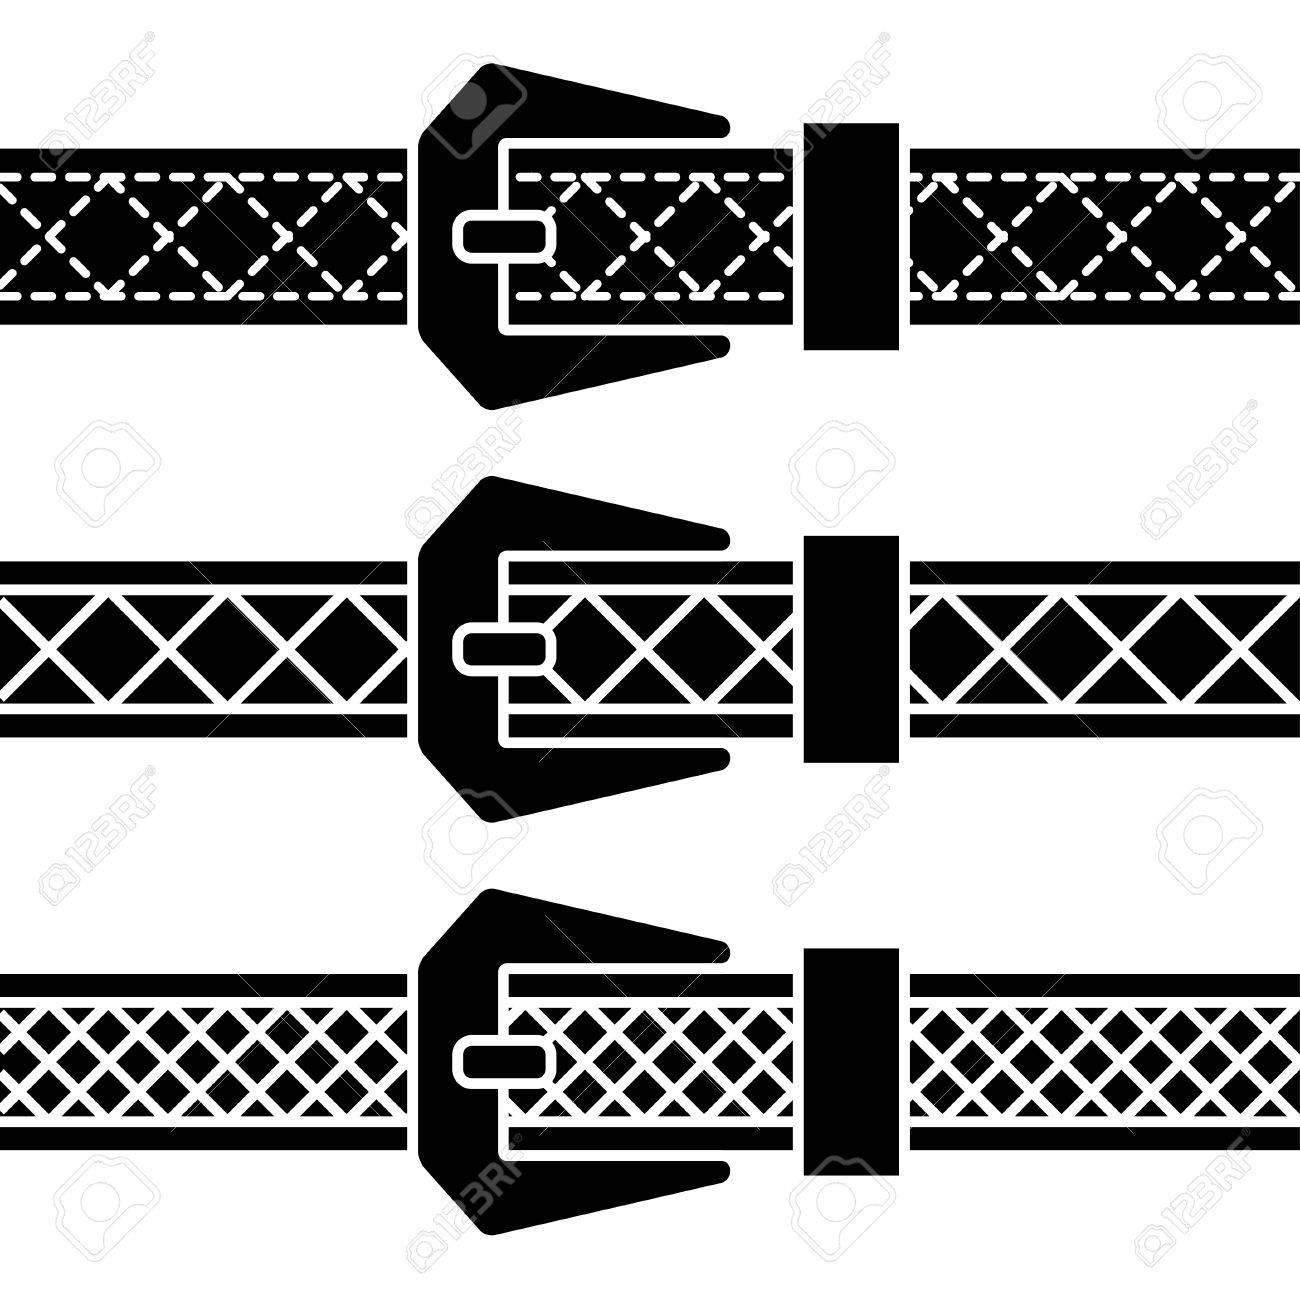 buckle belt black symbols Stock Vector - 19587398